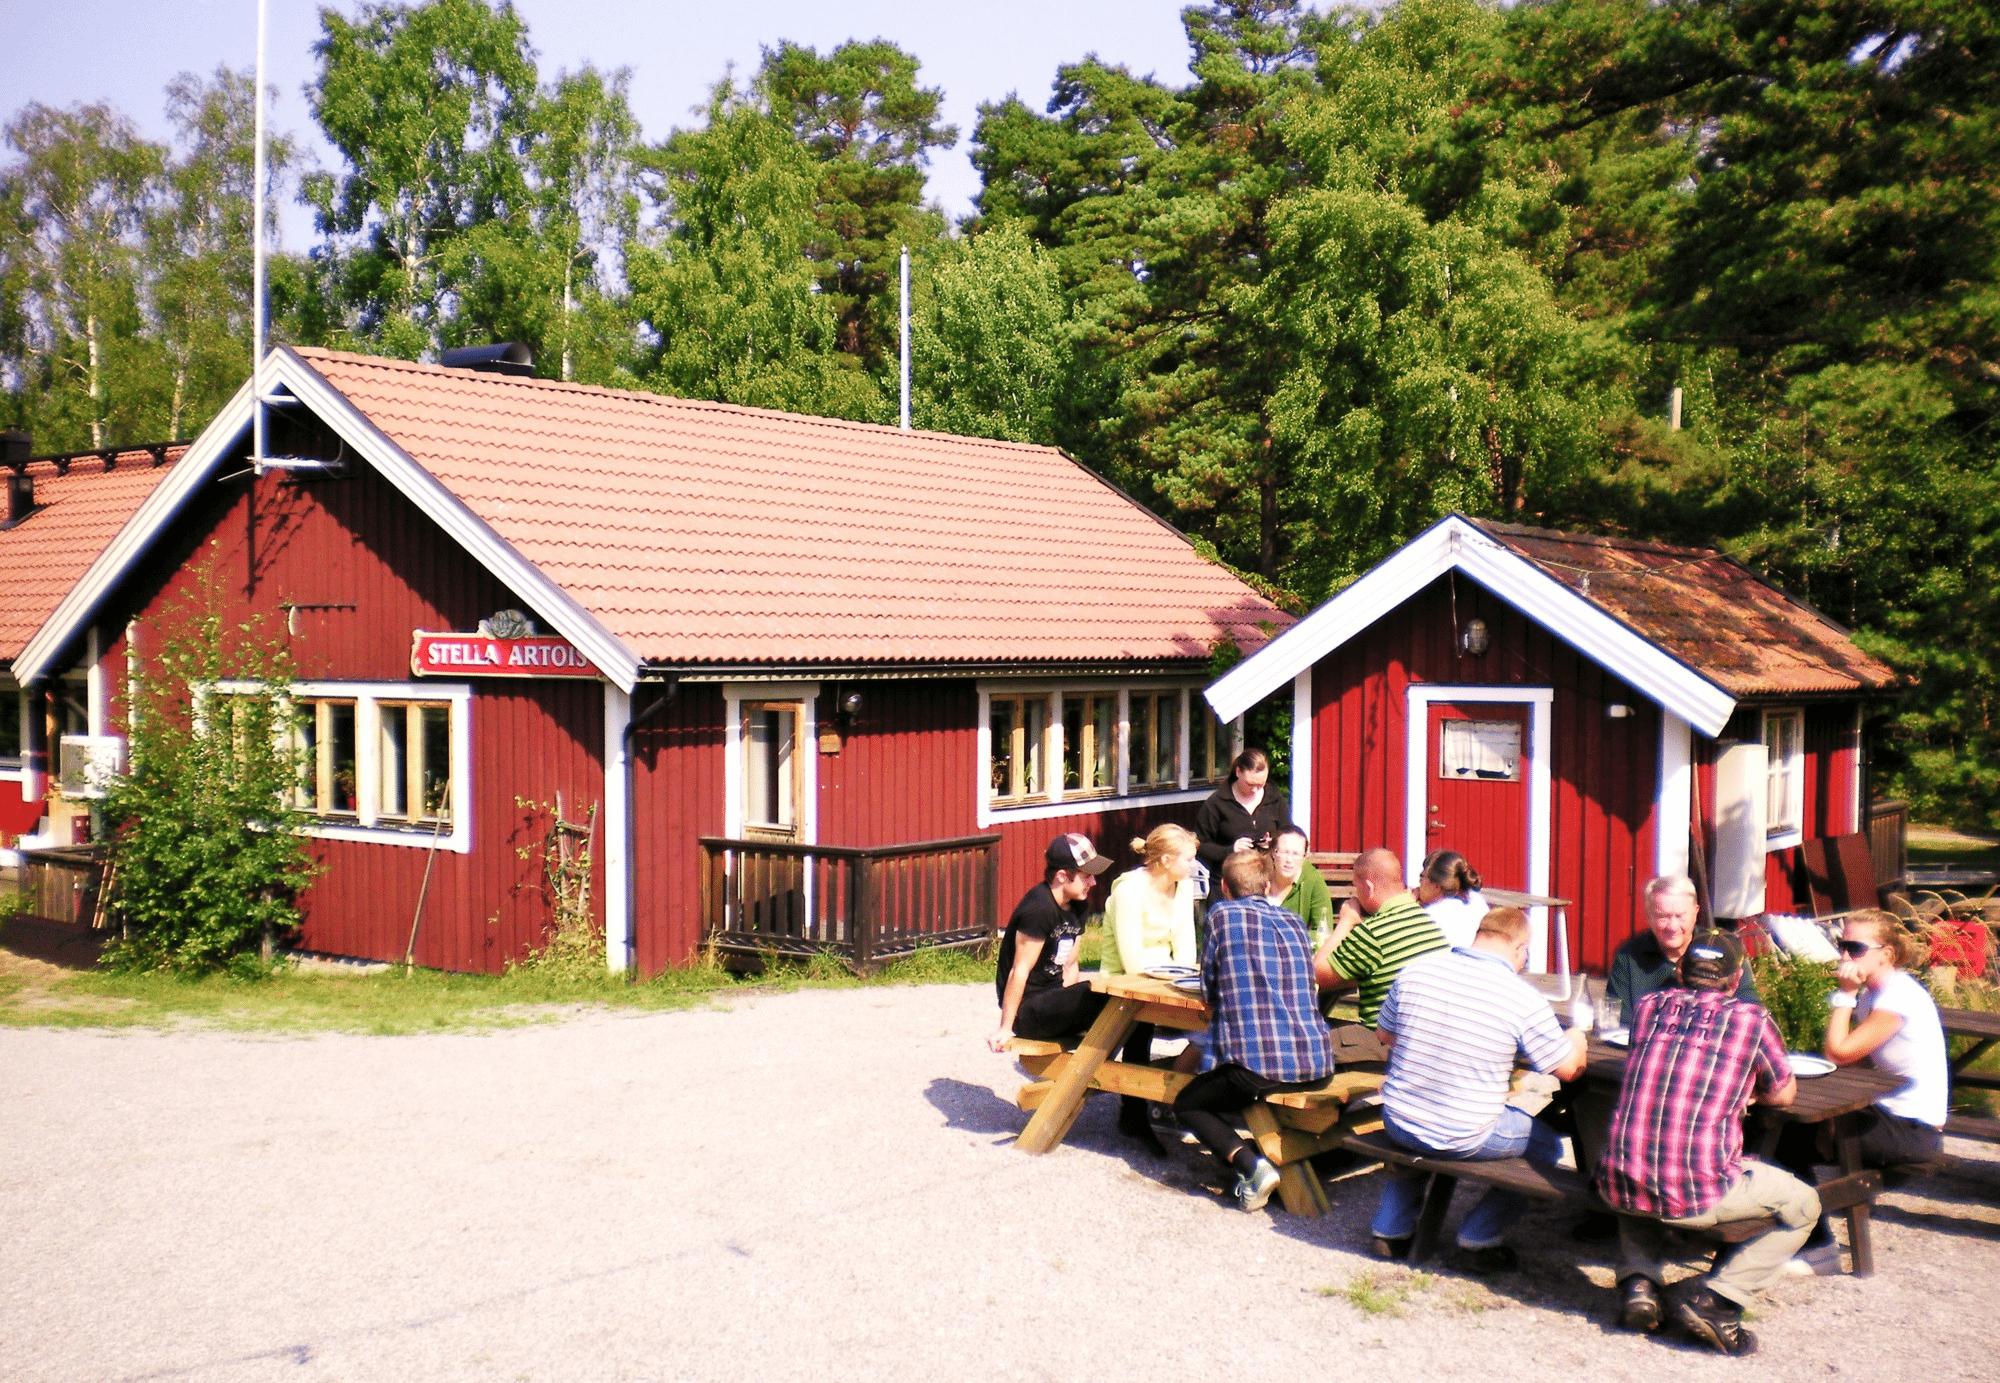 nämndö hembygdsgård röda hus med vita knutar